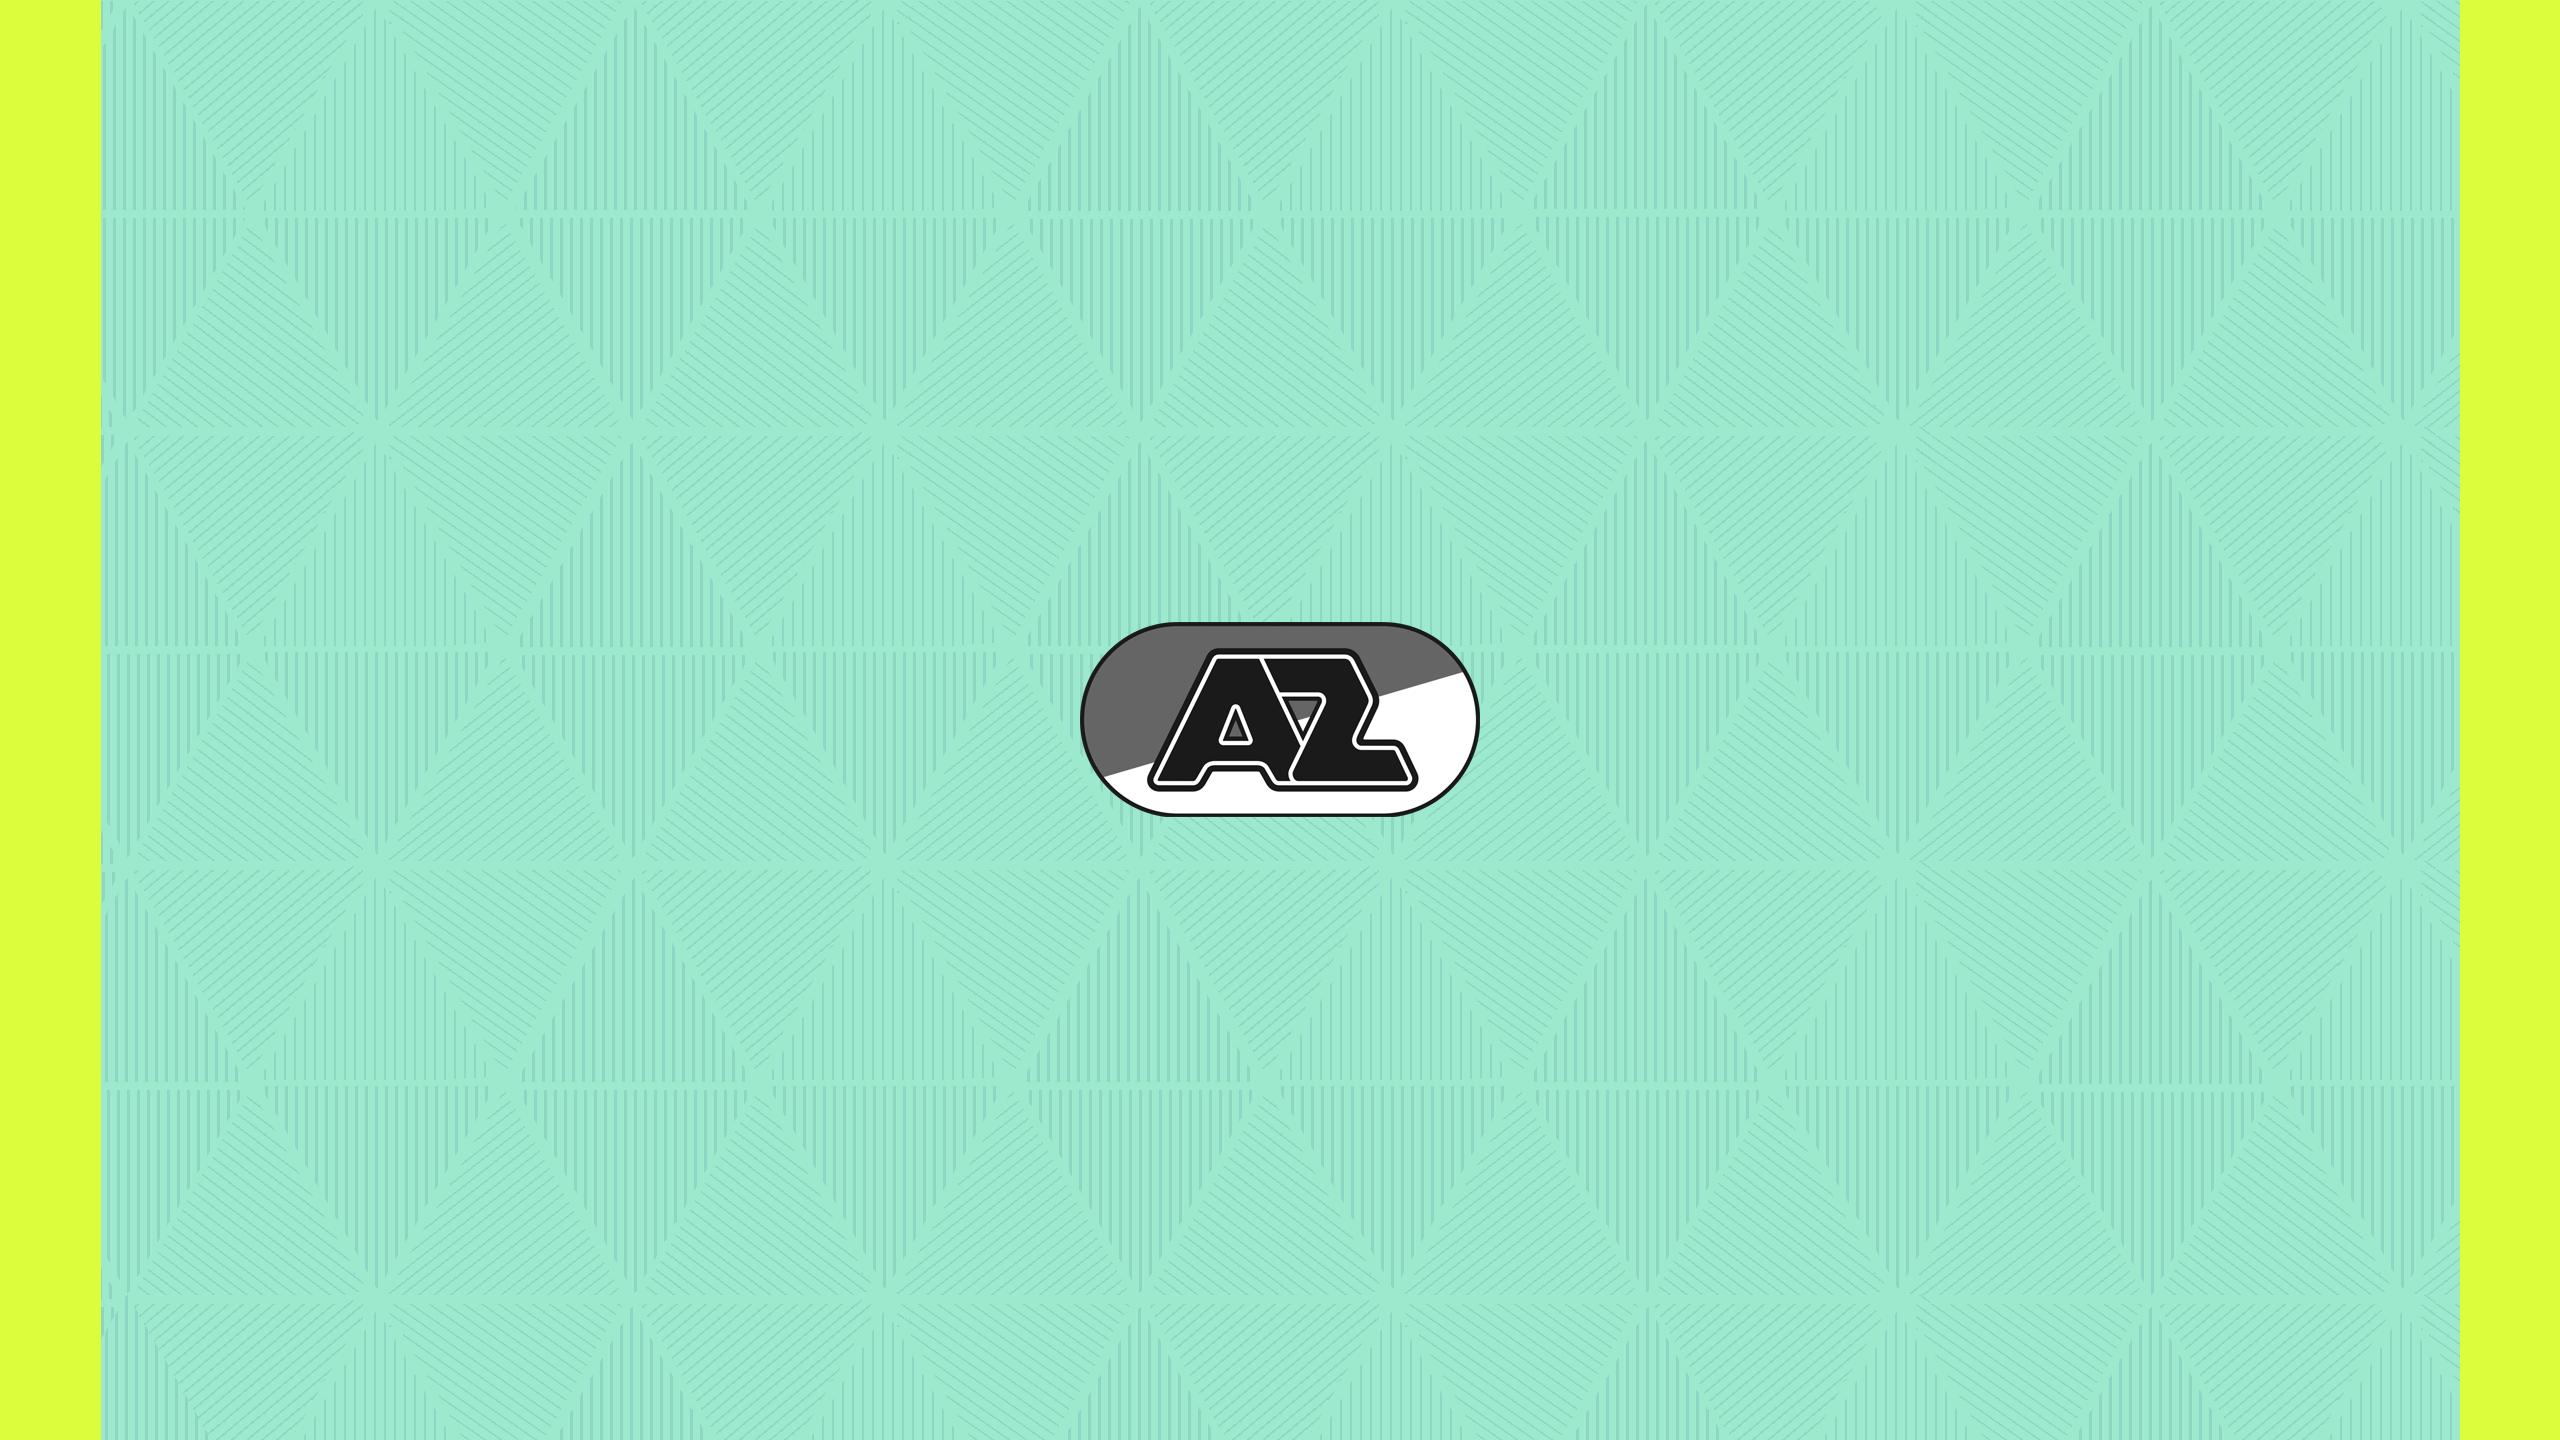 AZ Alkmaar (Alt)